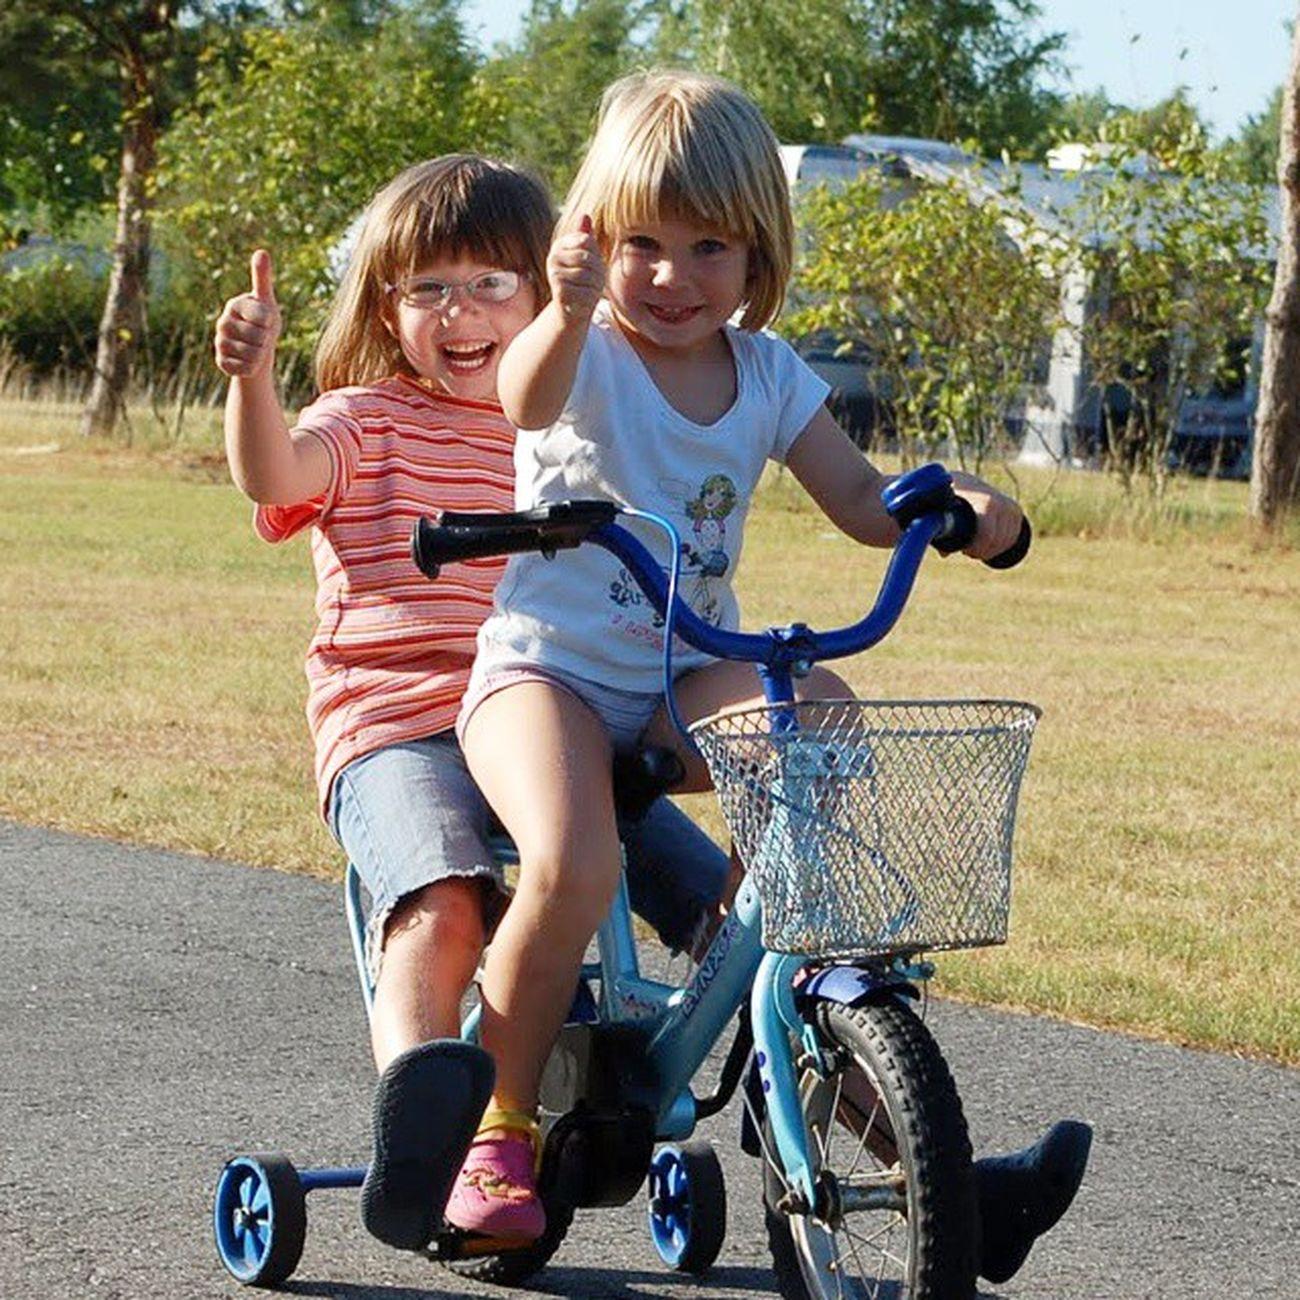 Kinder zaubern Lächeln und machen jeden Glücklich , wenn man sie nur lässt. Kindertag Childday Lasst euch auch beschenken, es kostet nichts ausser Liebe und ist einfach unbezahlbar😄 Kinder Lachen Campingplatz